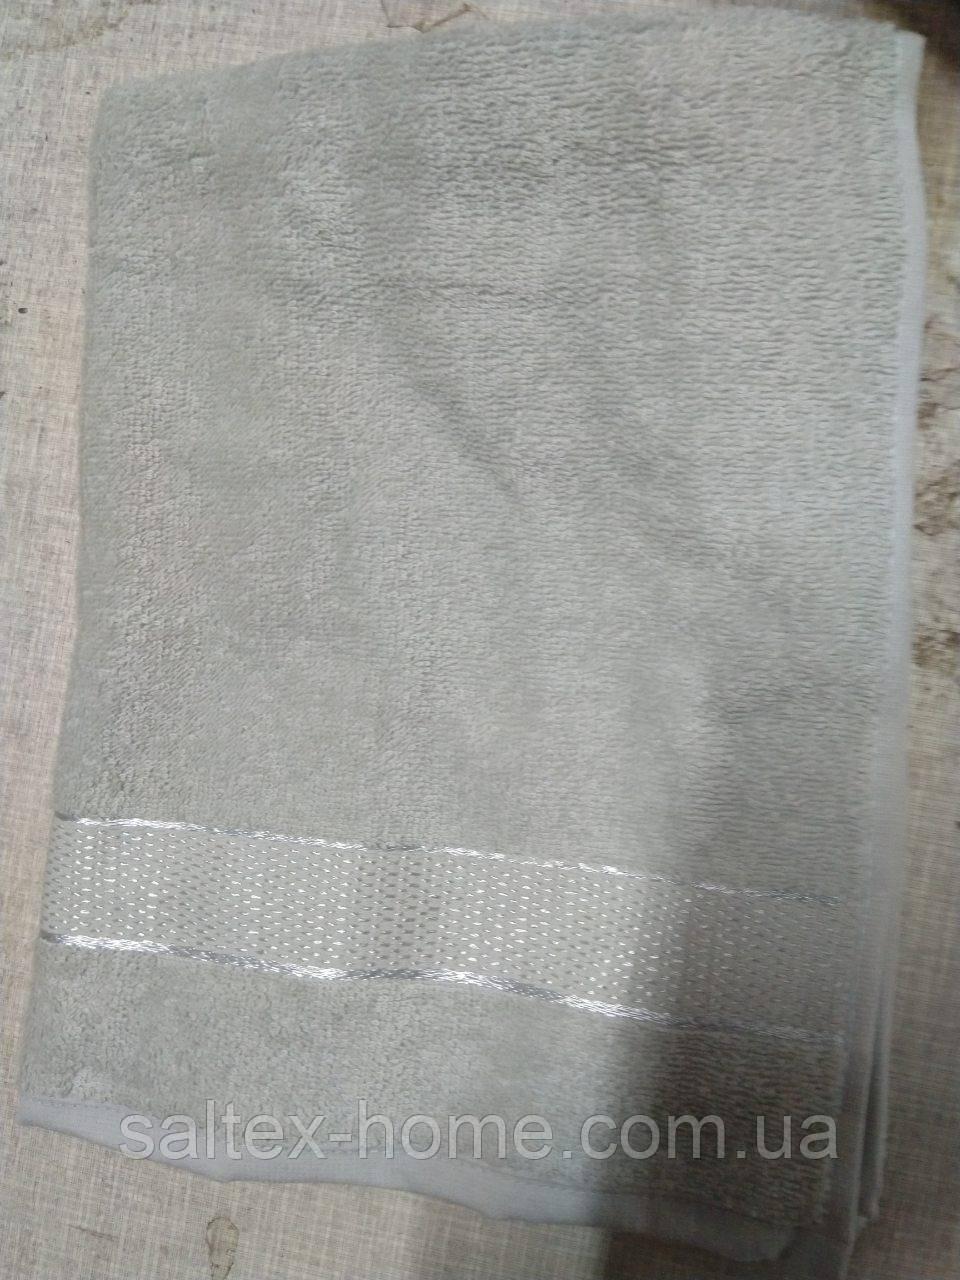 Махровое полотенце 70х140 см для лица, 400 г/м, Узбекистан, ментолового цвета